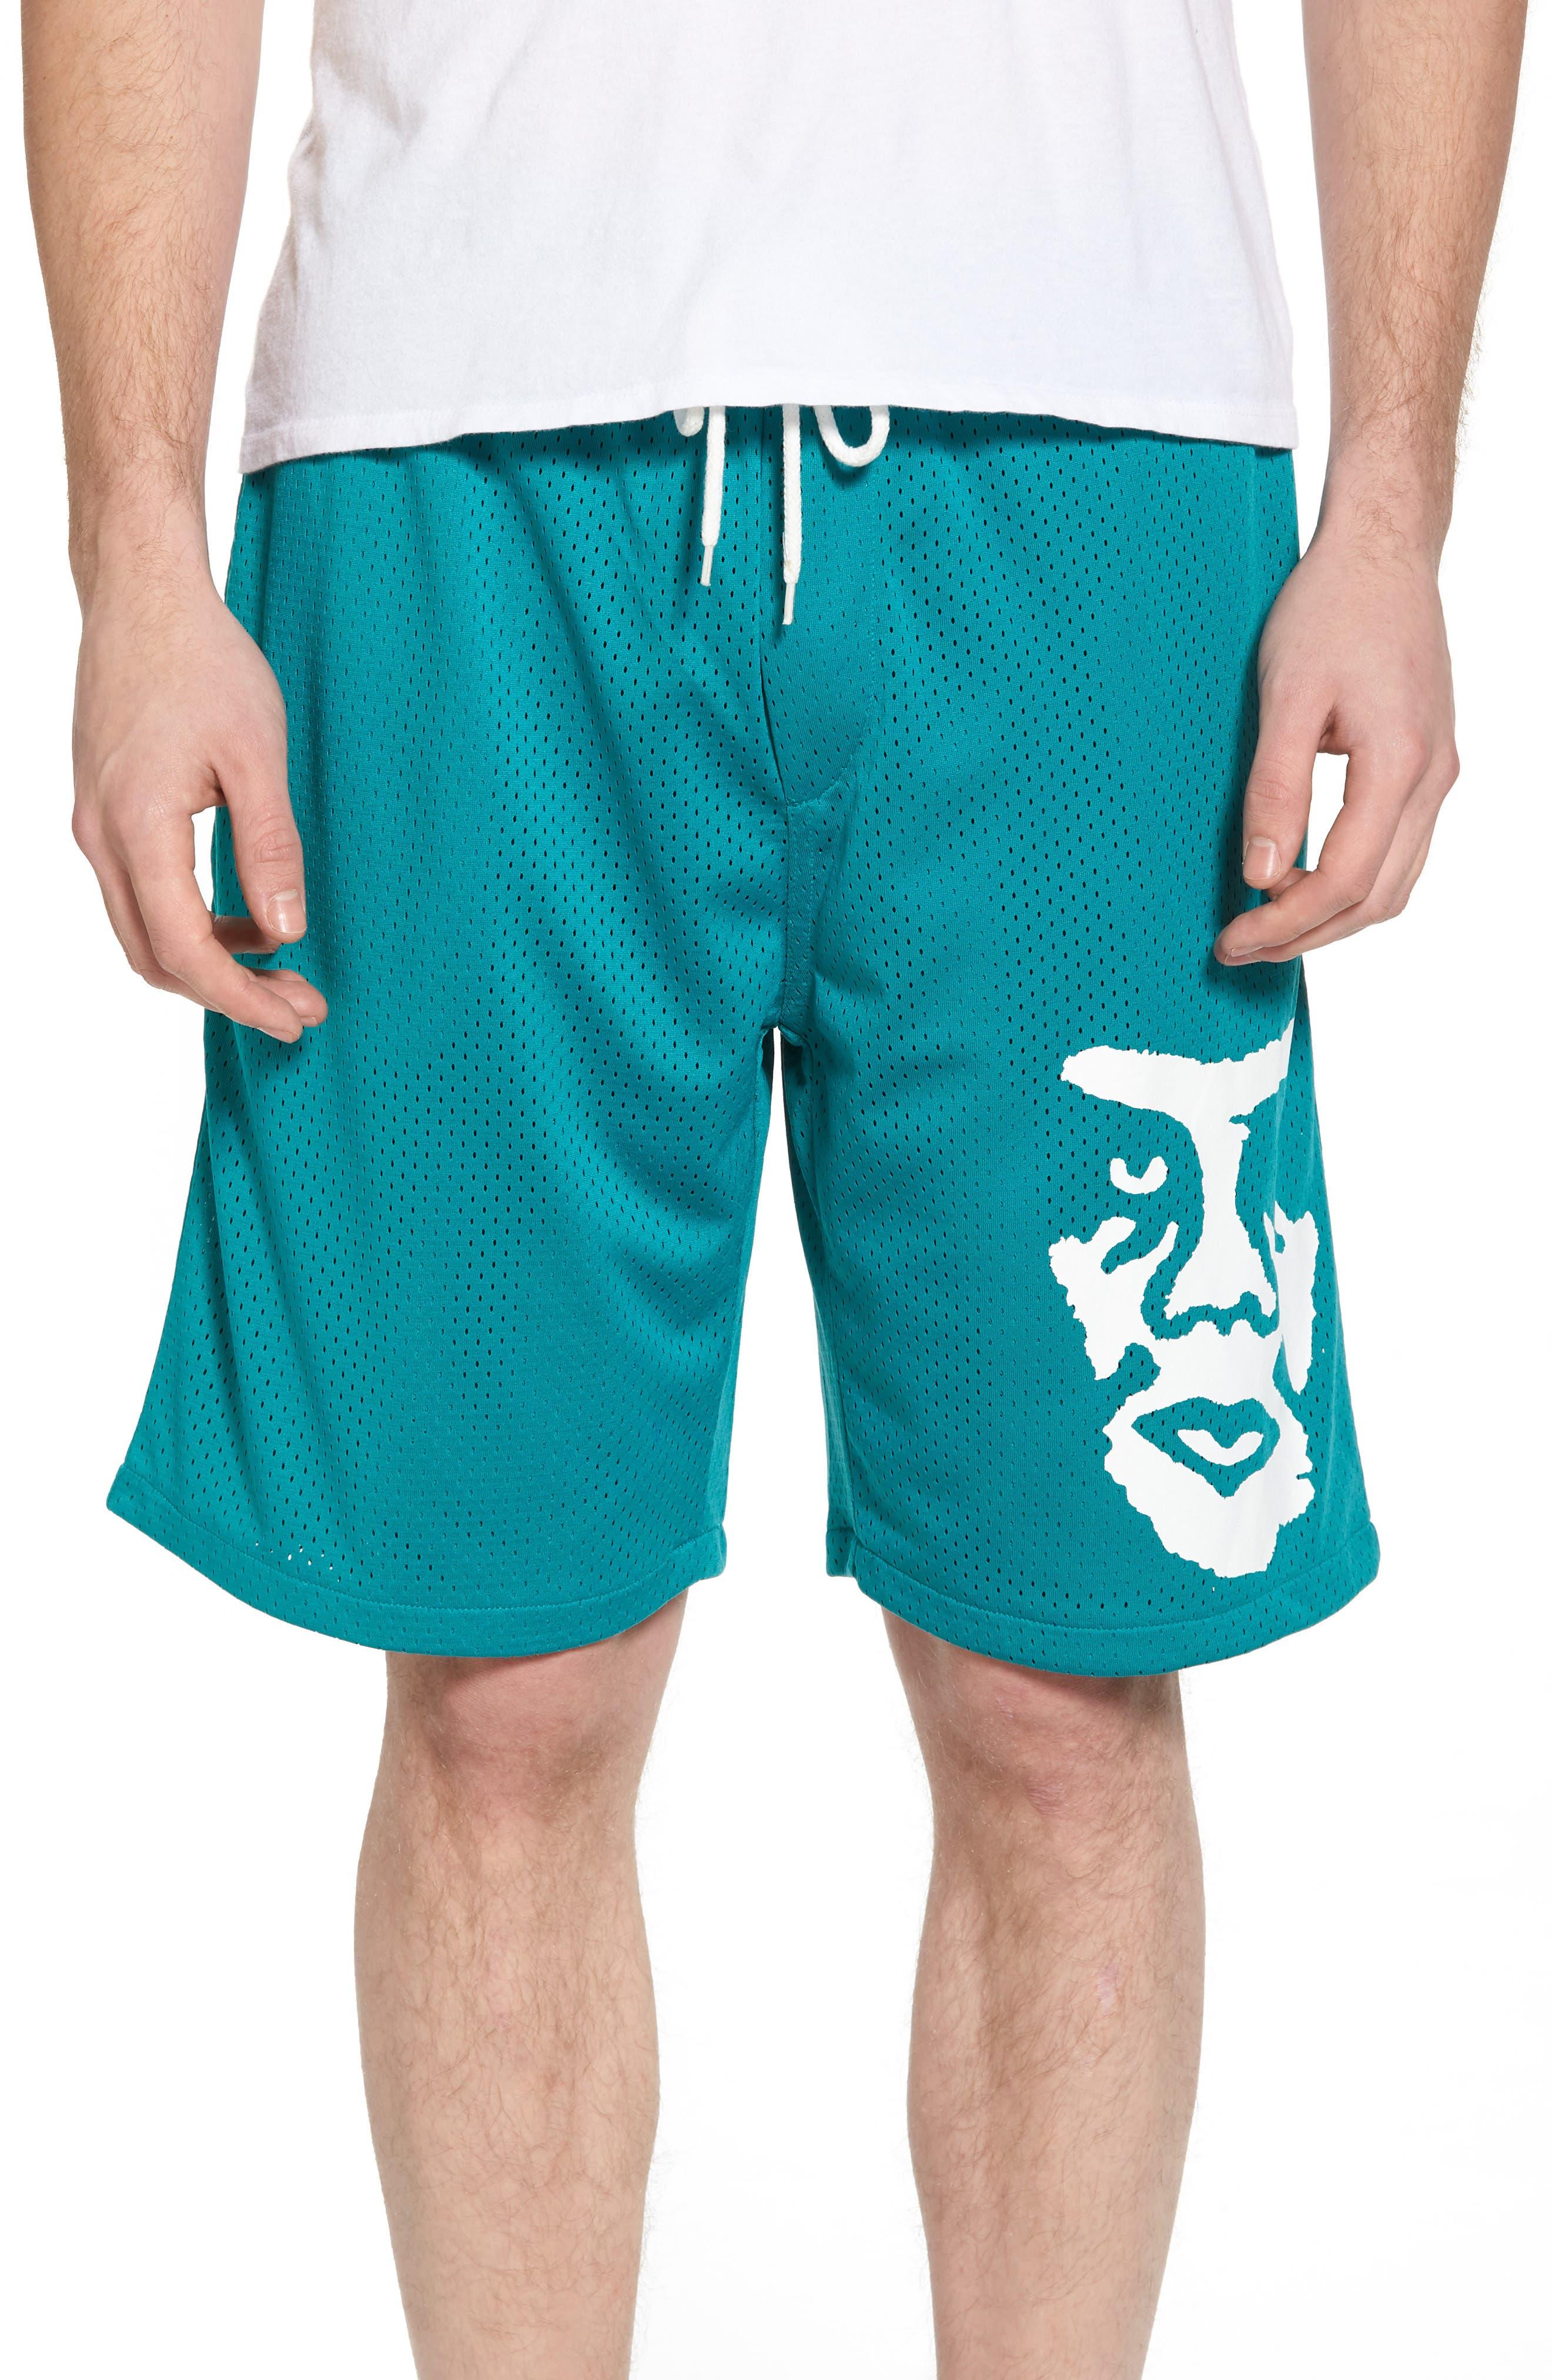 O.P.E. Athletic Shorts,                         Main,                         color, 445